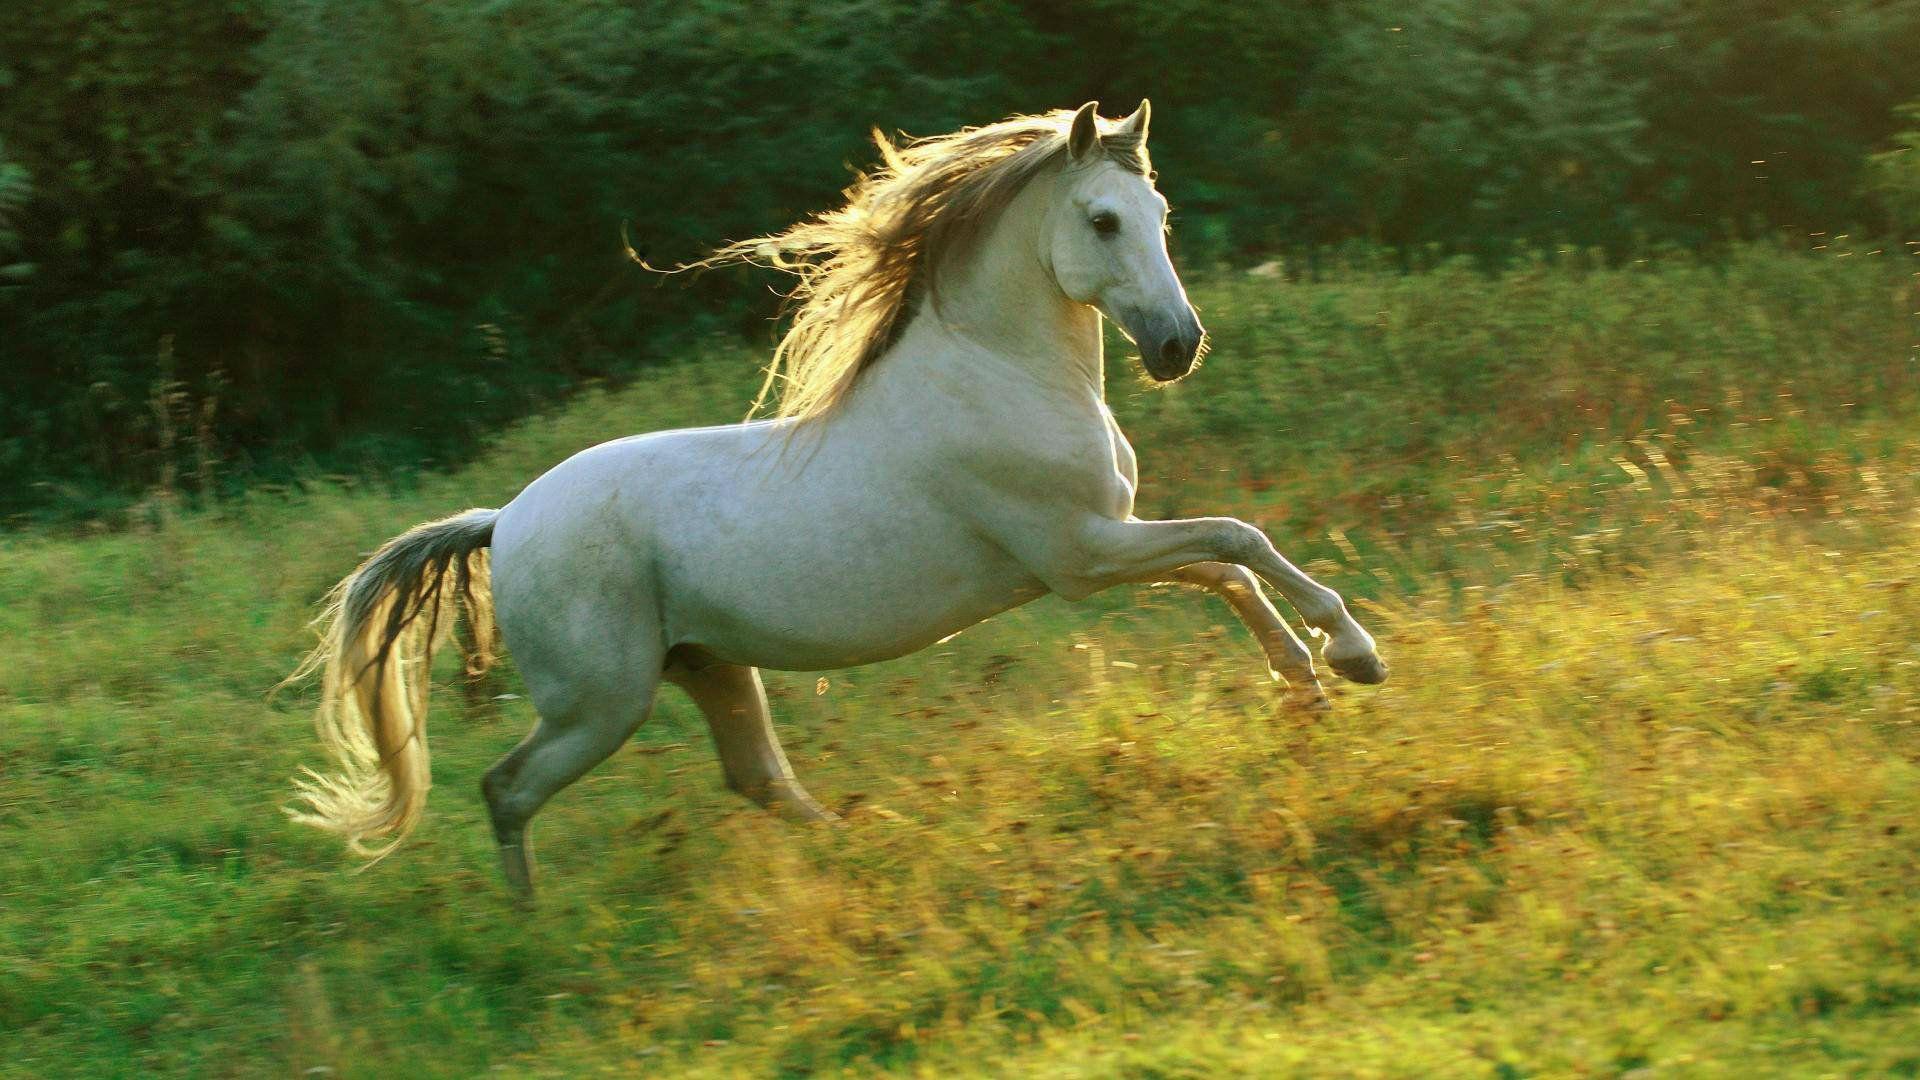 Fantastic Wallpaper Horse Windows - c0c939cb7206cca93a00a8b82d25dedd  Photograph_85837.jpg